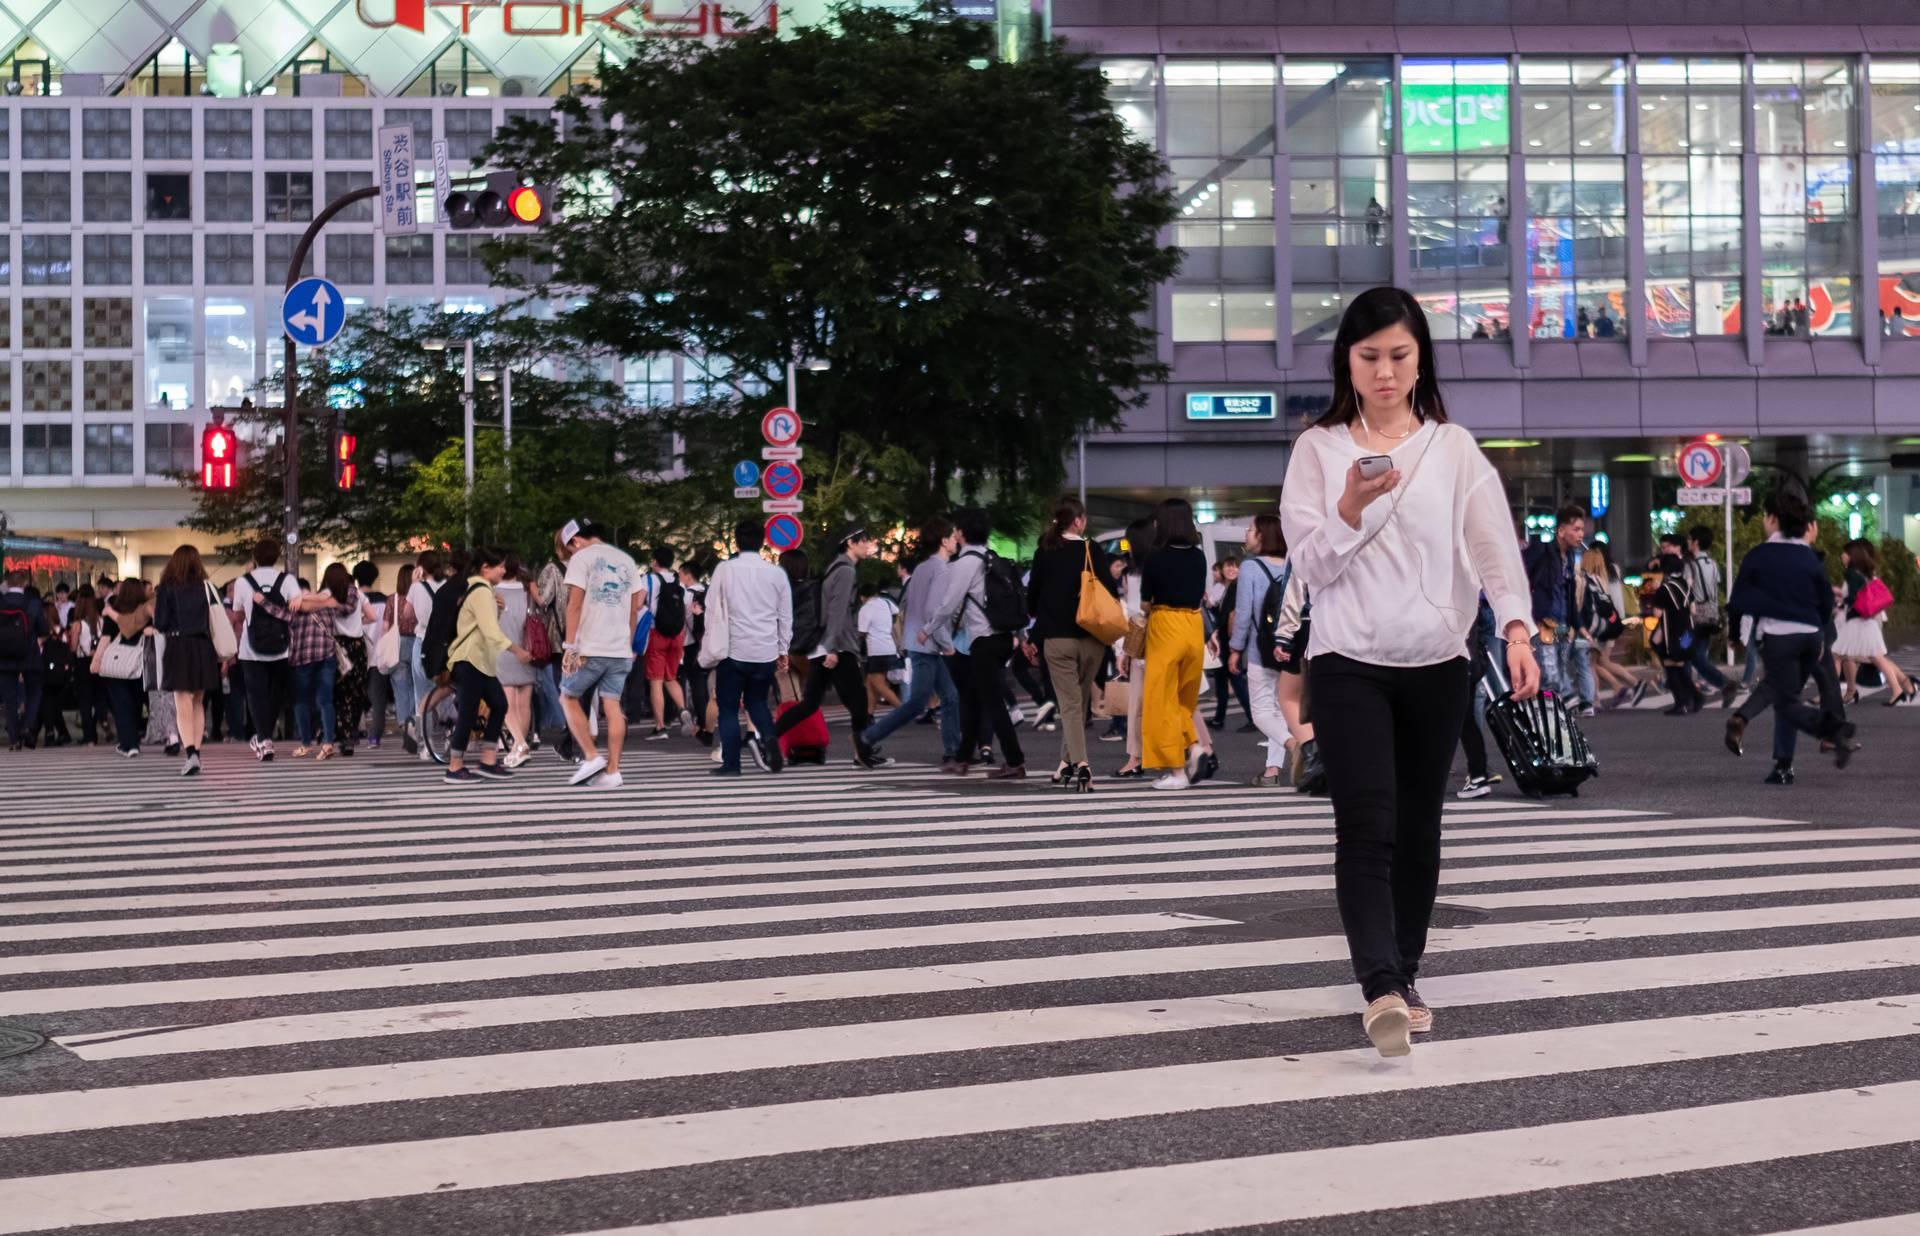 Japan prvi zabranio istodobno hodanje i gledanje u mobitel